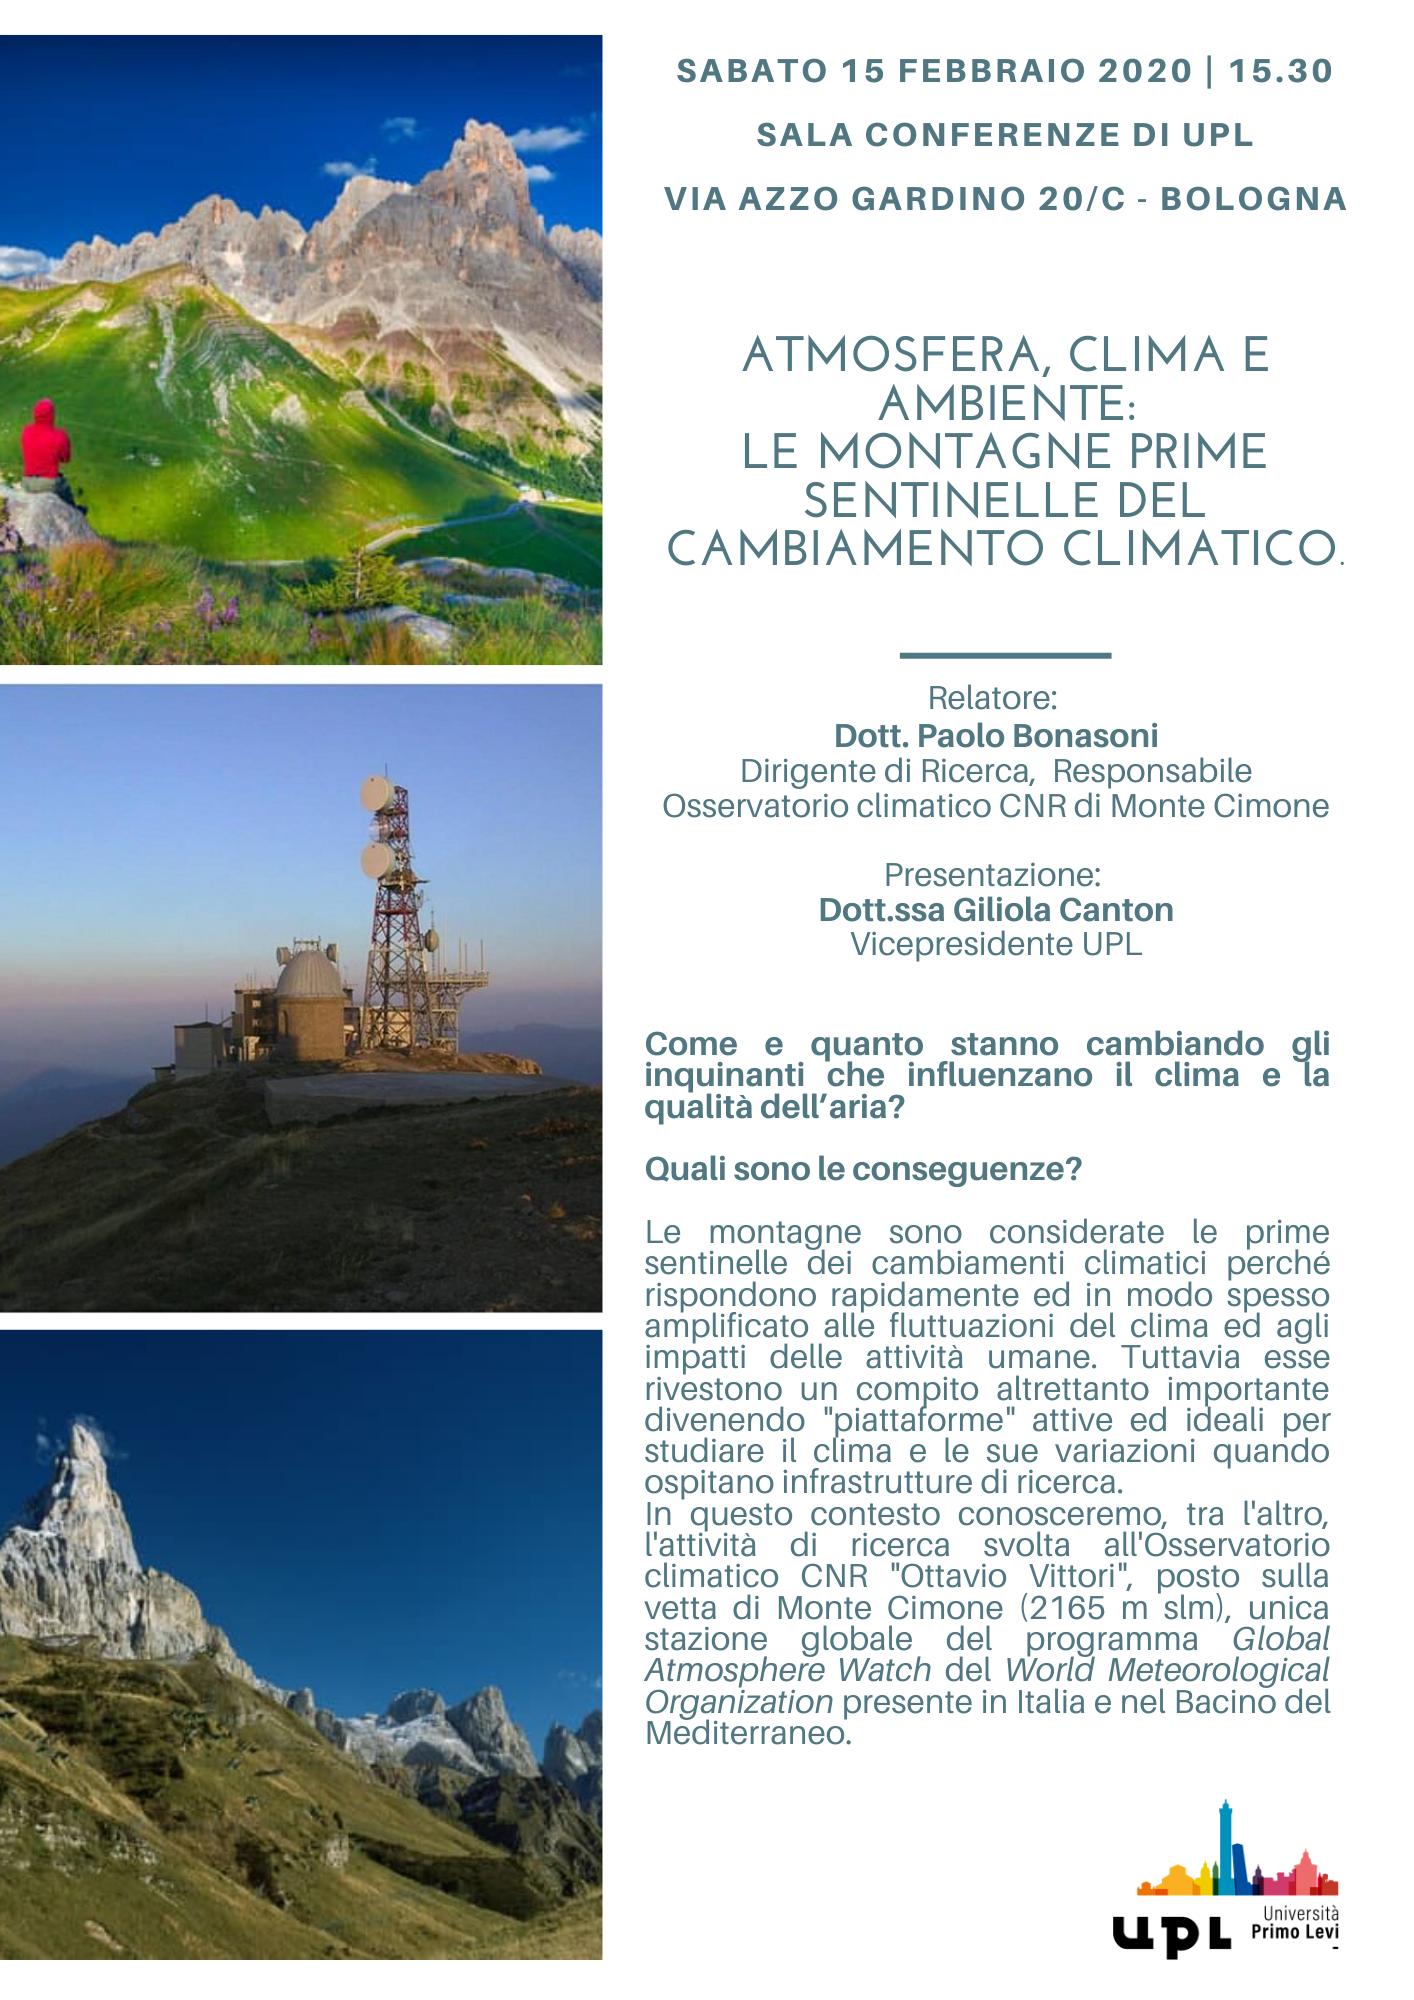 Atmosfera, clima e ambiente: le montagne prime sentinelle del cambiamento climatico - sabato 15 febbraio 2020 @UPL